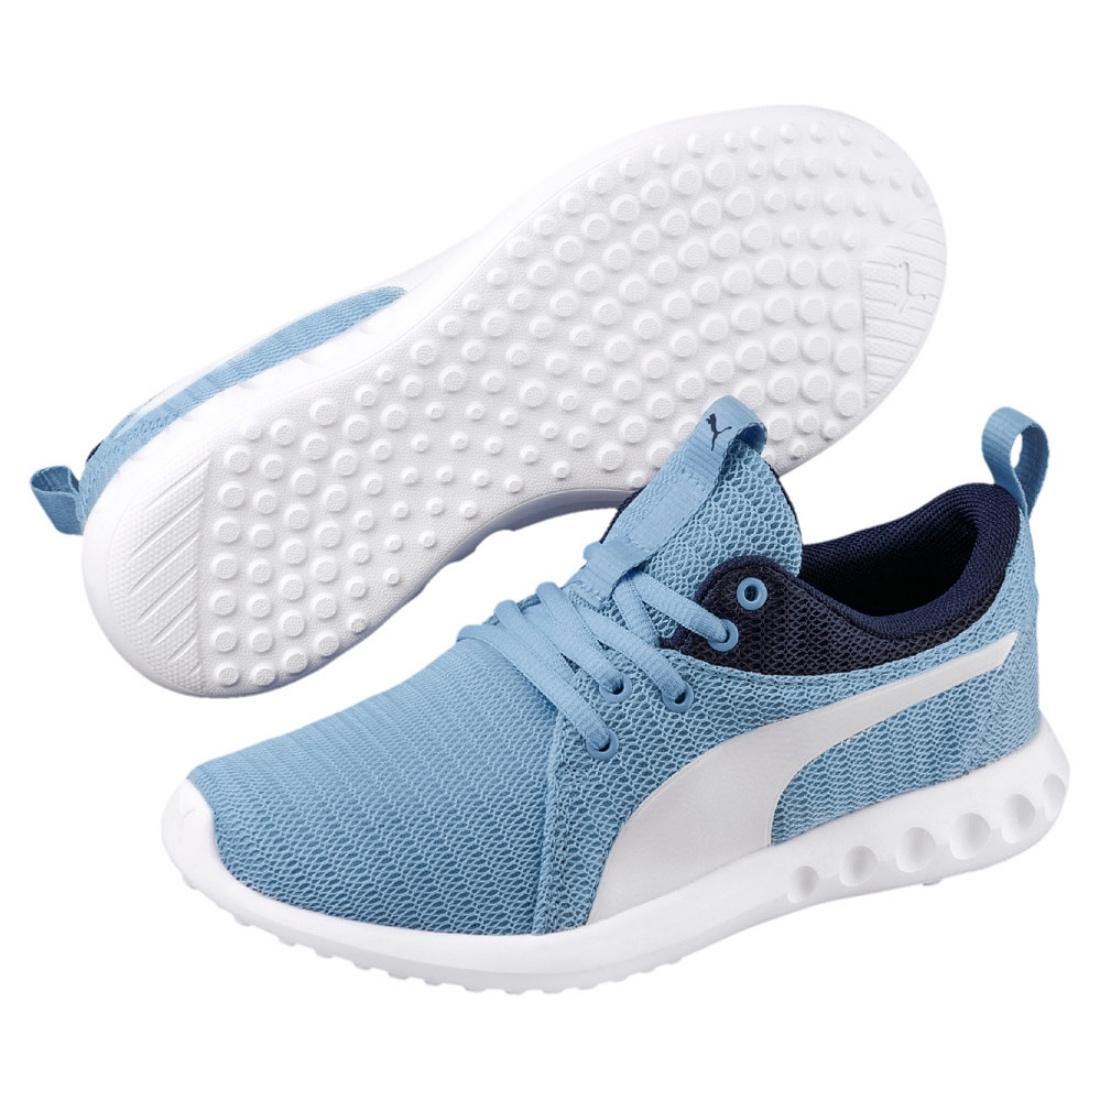 Details about Puma Carson 2 Jr Unisex Children Trainers Shoes 190072